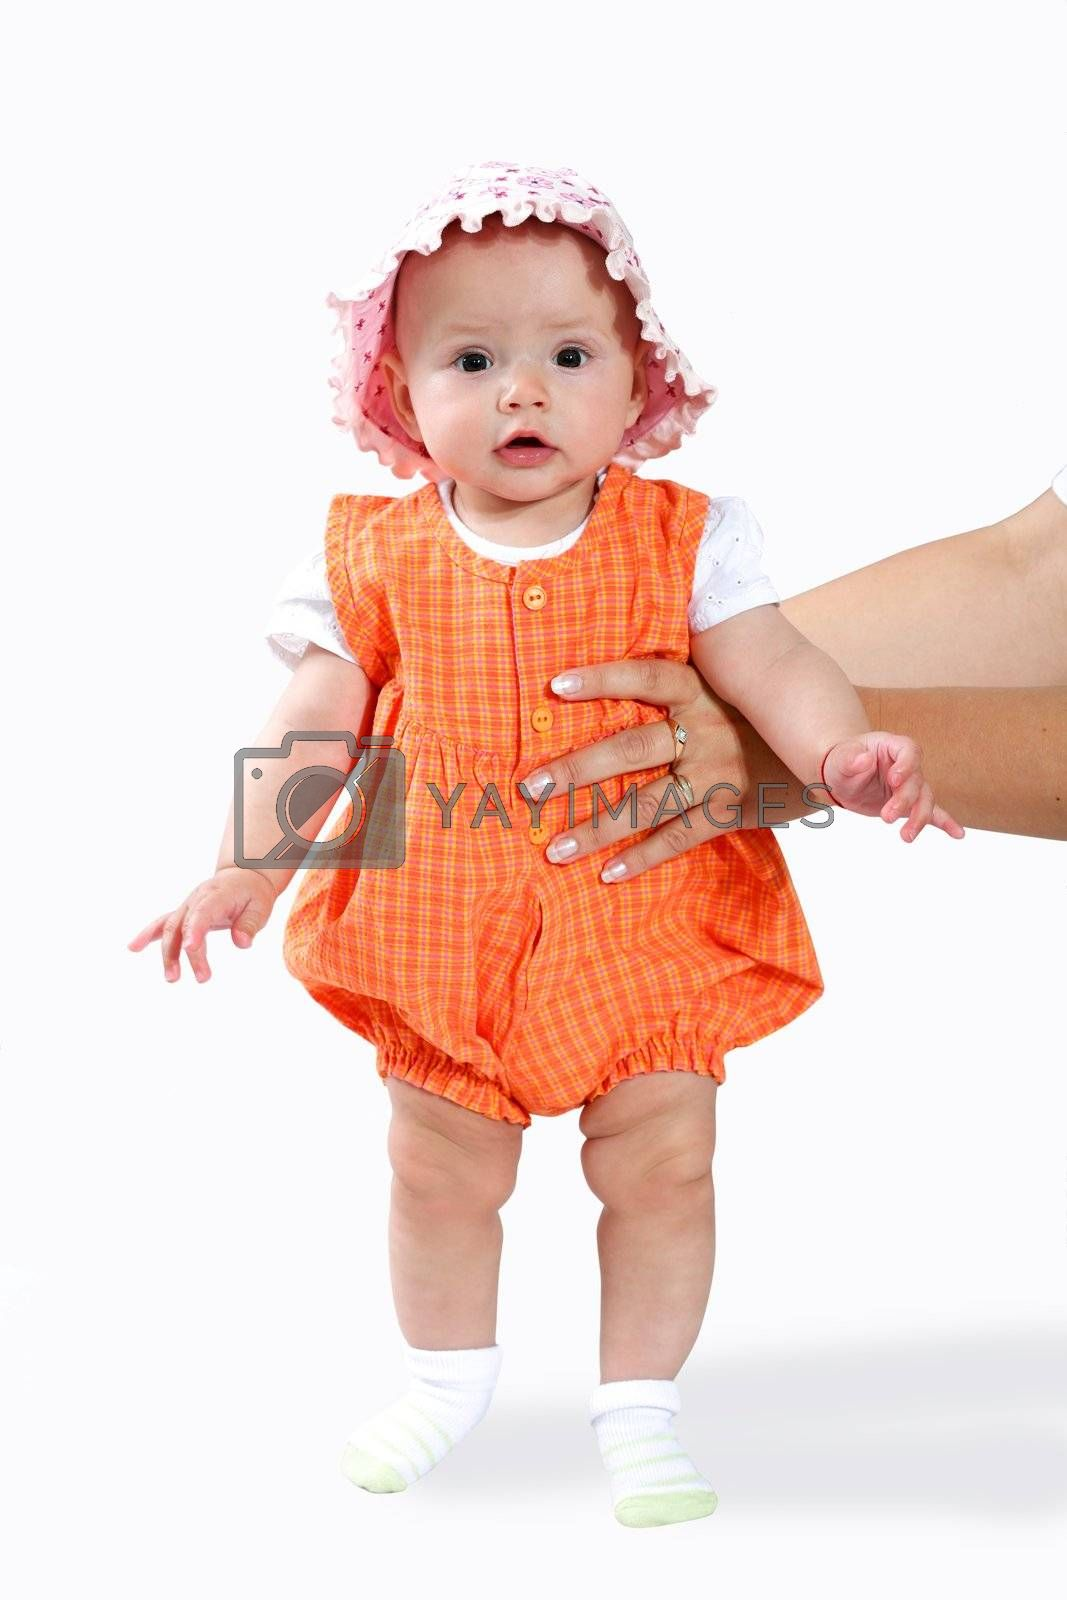 An image of nice baby in orange shirt